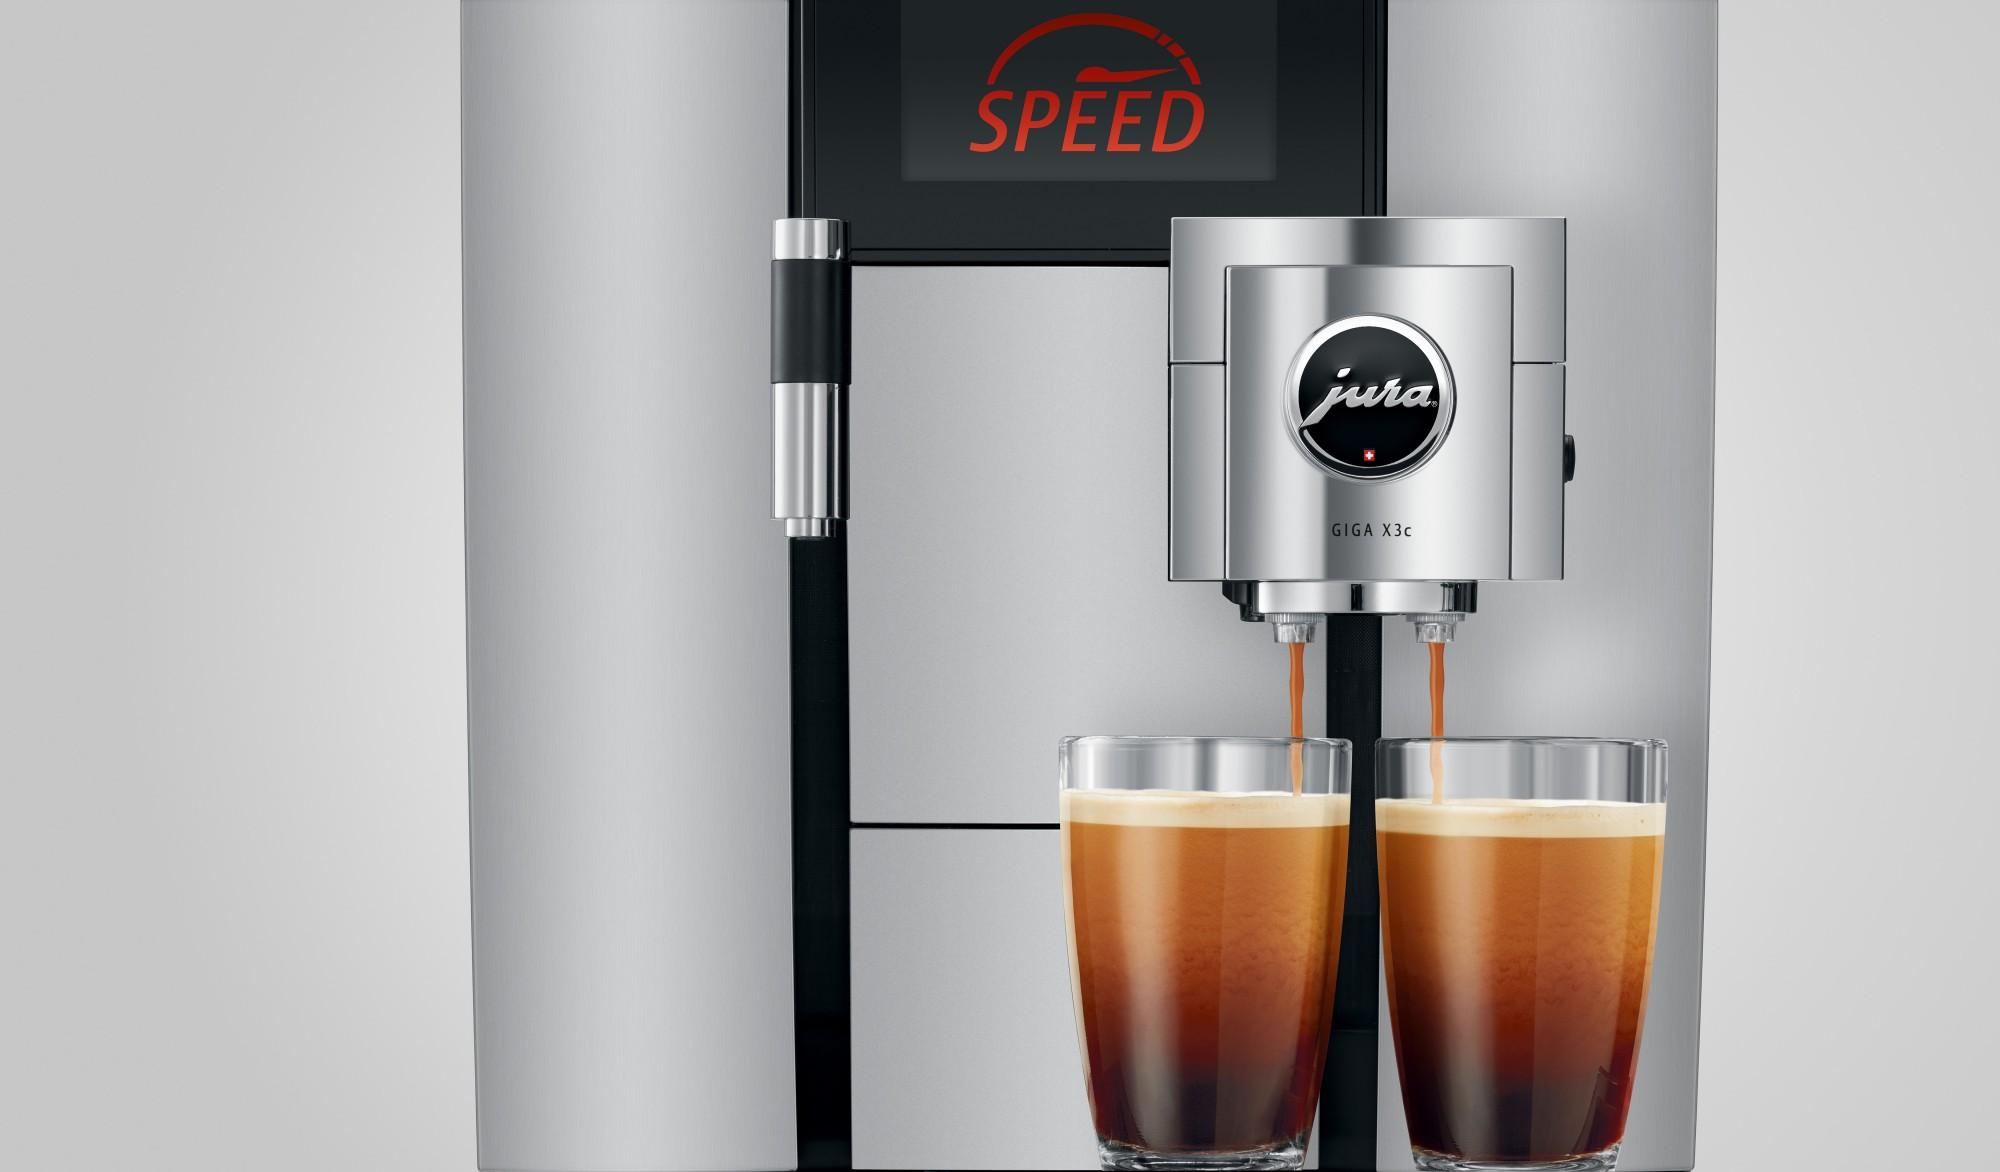 Hoge kwaliteit cafe americano met de speedfunctie van Jura